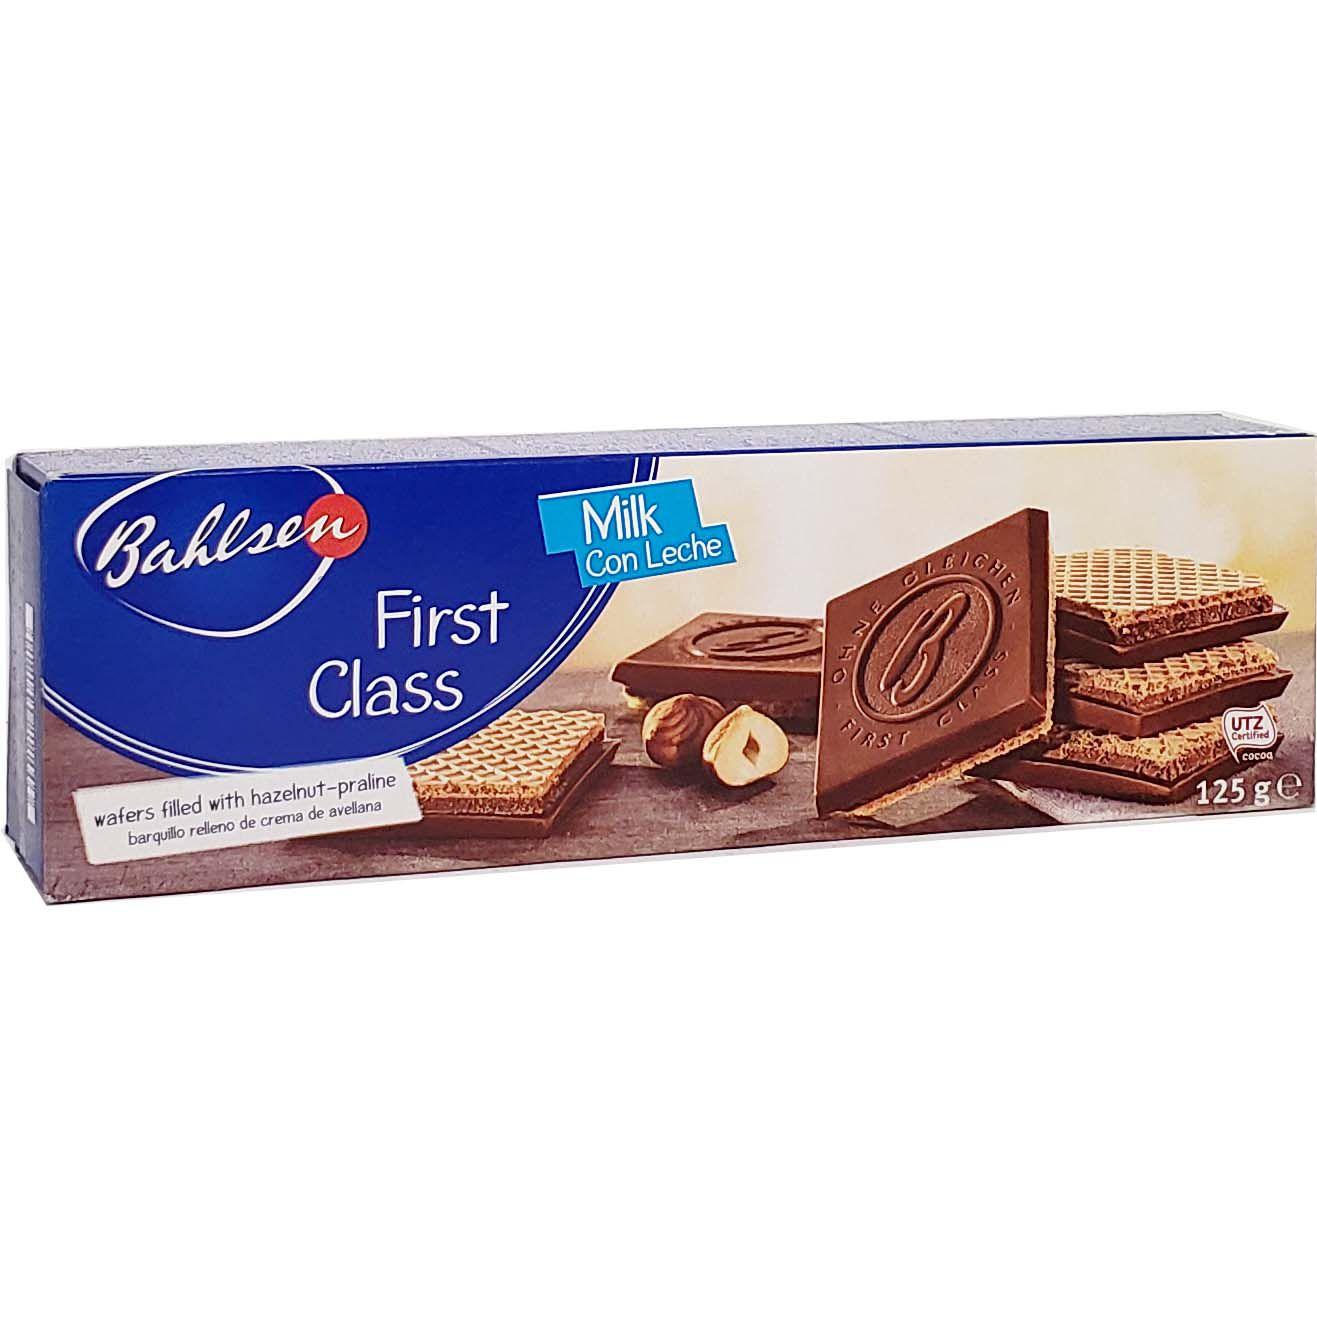 Biscoito Bahlsen First Class Milk - 125g -